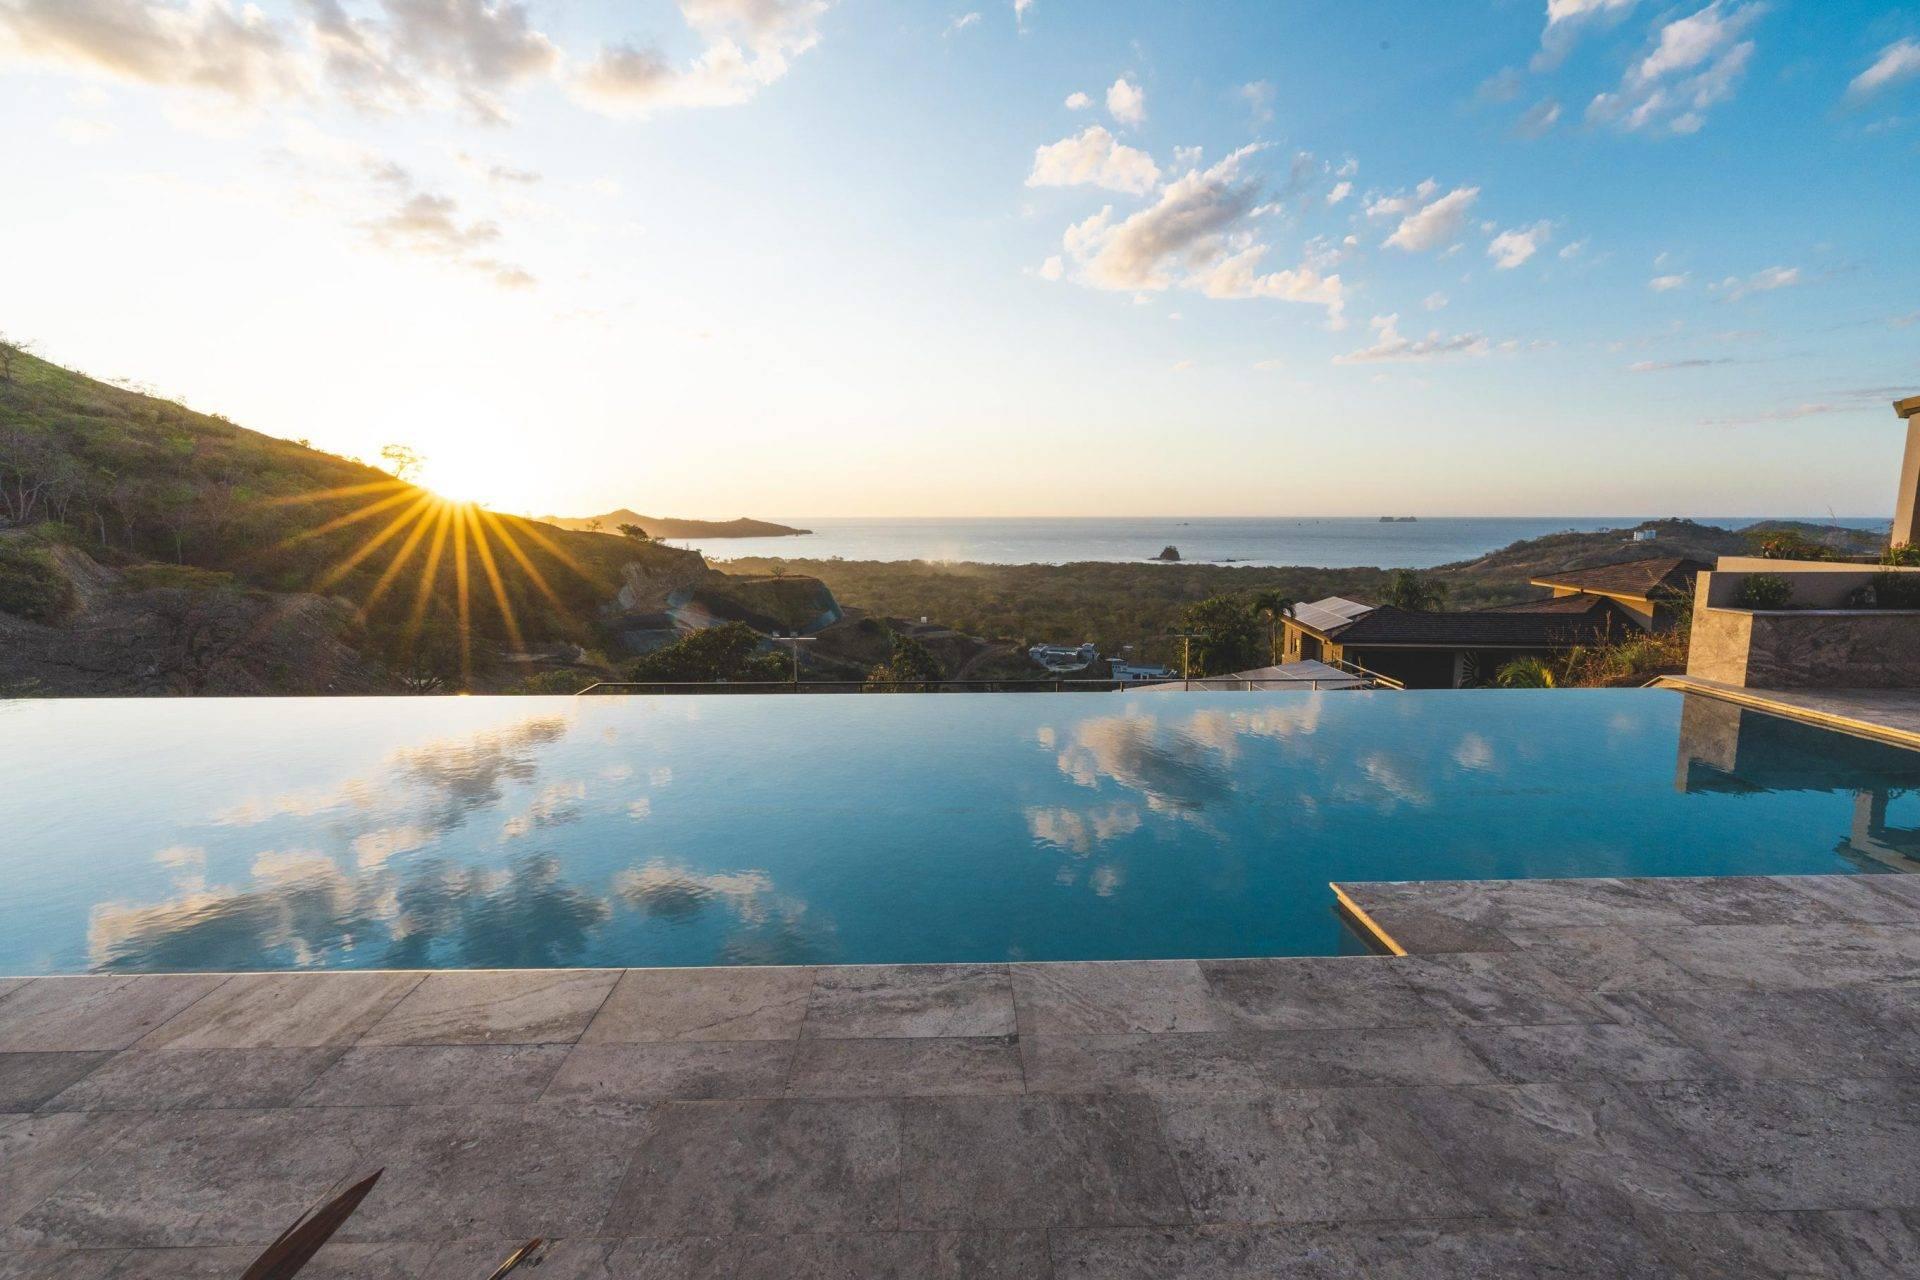 Casa Vistas- Luxury Ocean View Home- UNDER CONTRACT